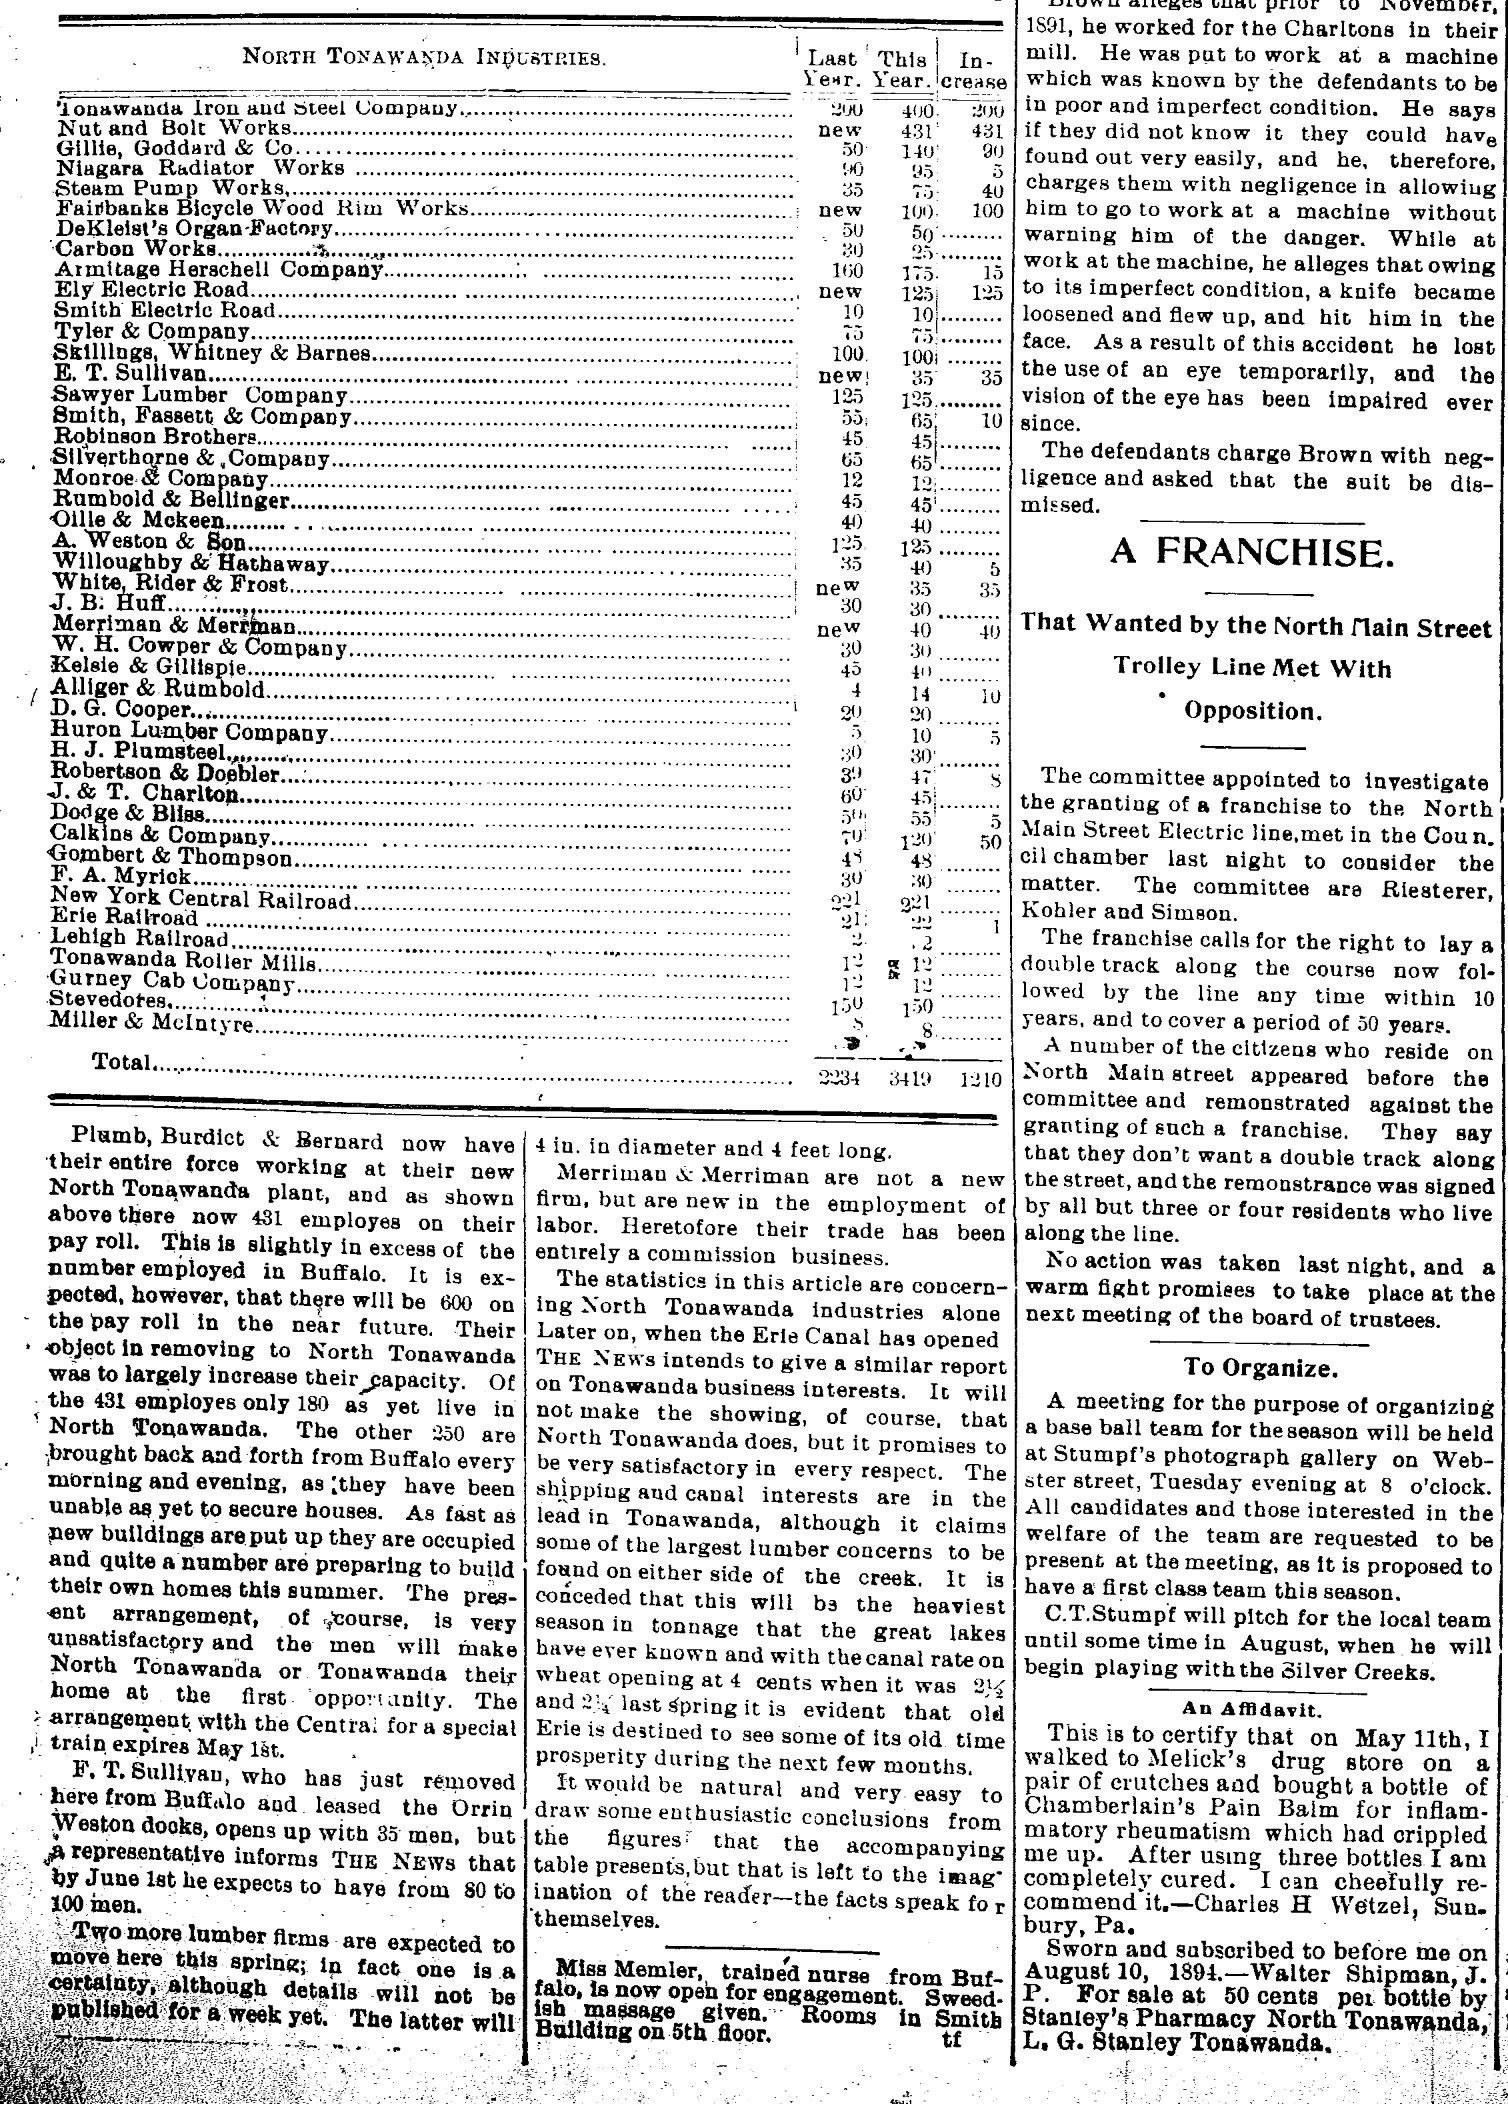 50 Percent Increase 2  - Industry - April 18 1896.jpg